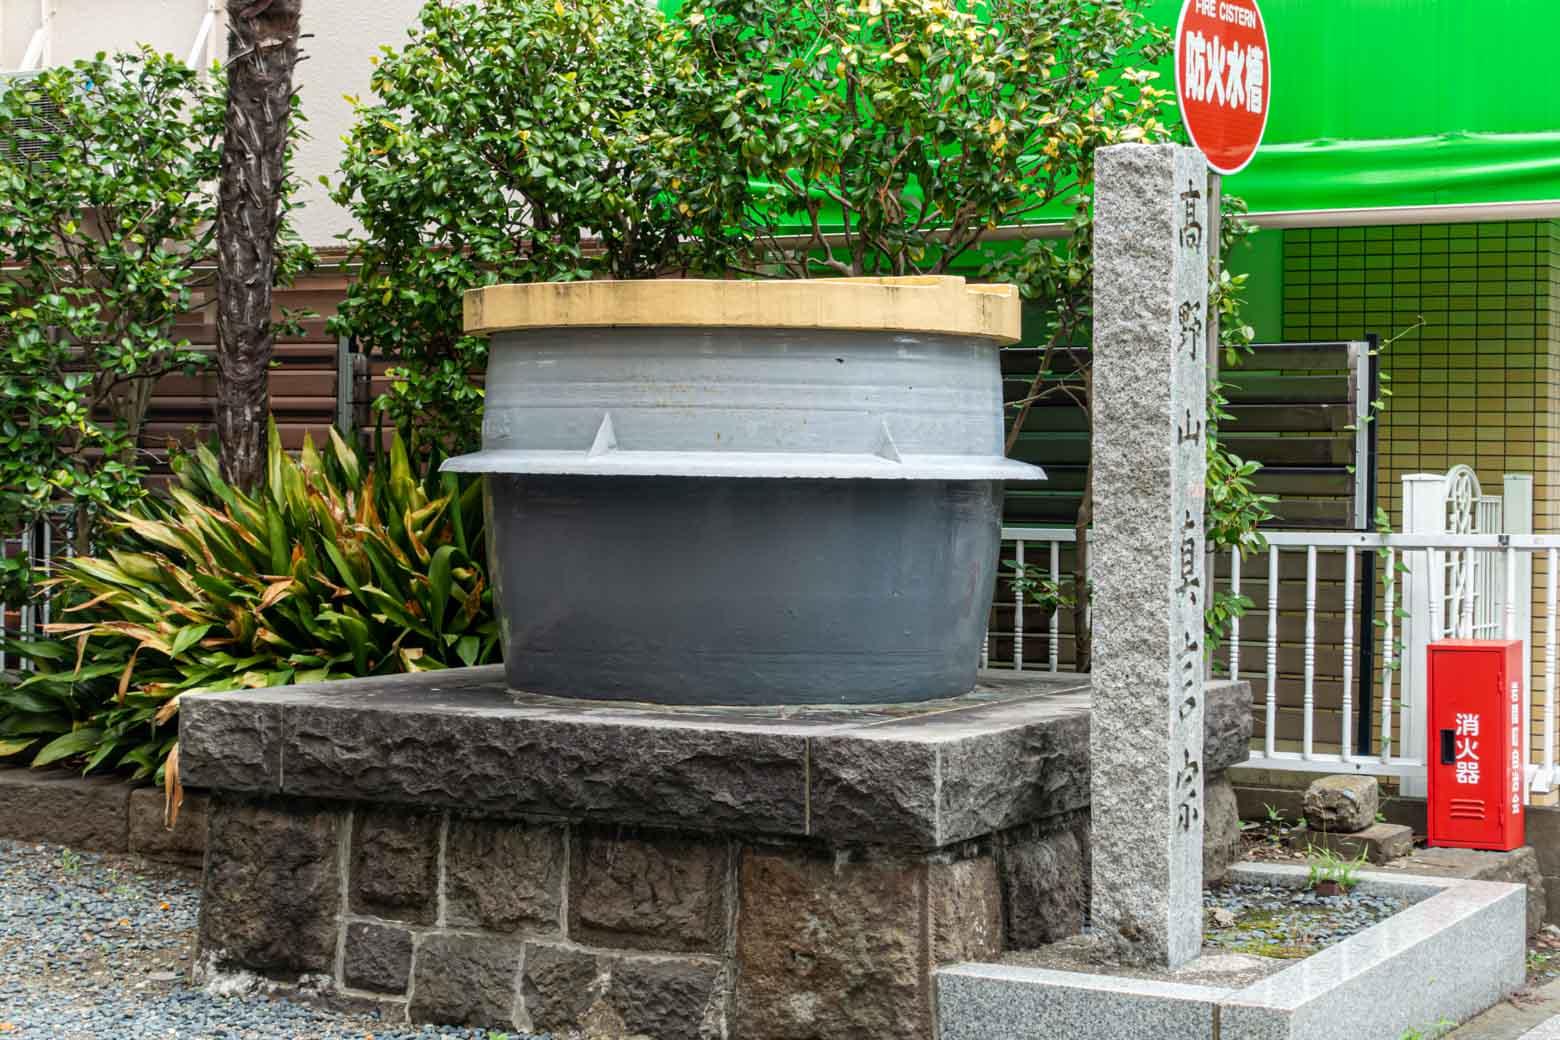 お釜が目印の香象院に到着。さらに南下すると宿場町らしい建物なんかがあって楽しいのですが、今日はここまで。ちなみにこのお釜は、火災に備えた天水桶として設置されているそうです(諸説あります)。